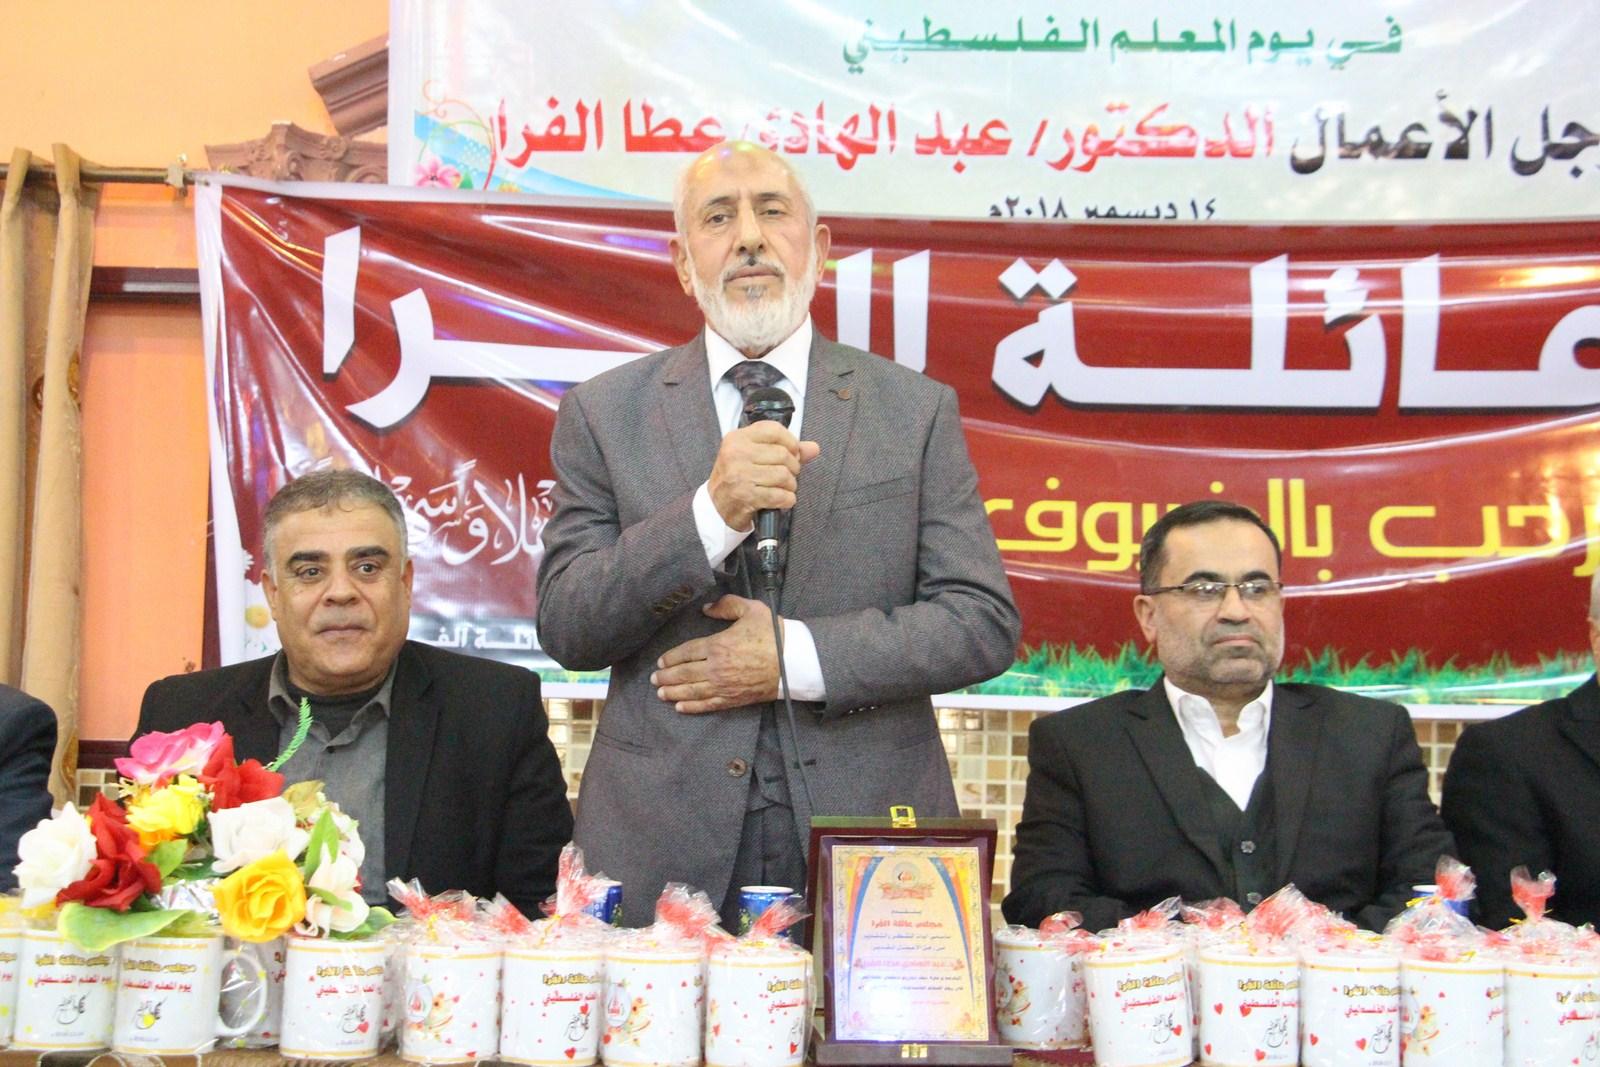 حفل تكريم المعلمين من أبناء عائلة الفرا 14/12/2018م تصوير أ.حسن عادل الفرا